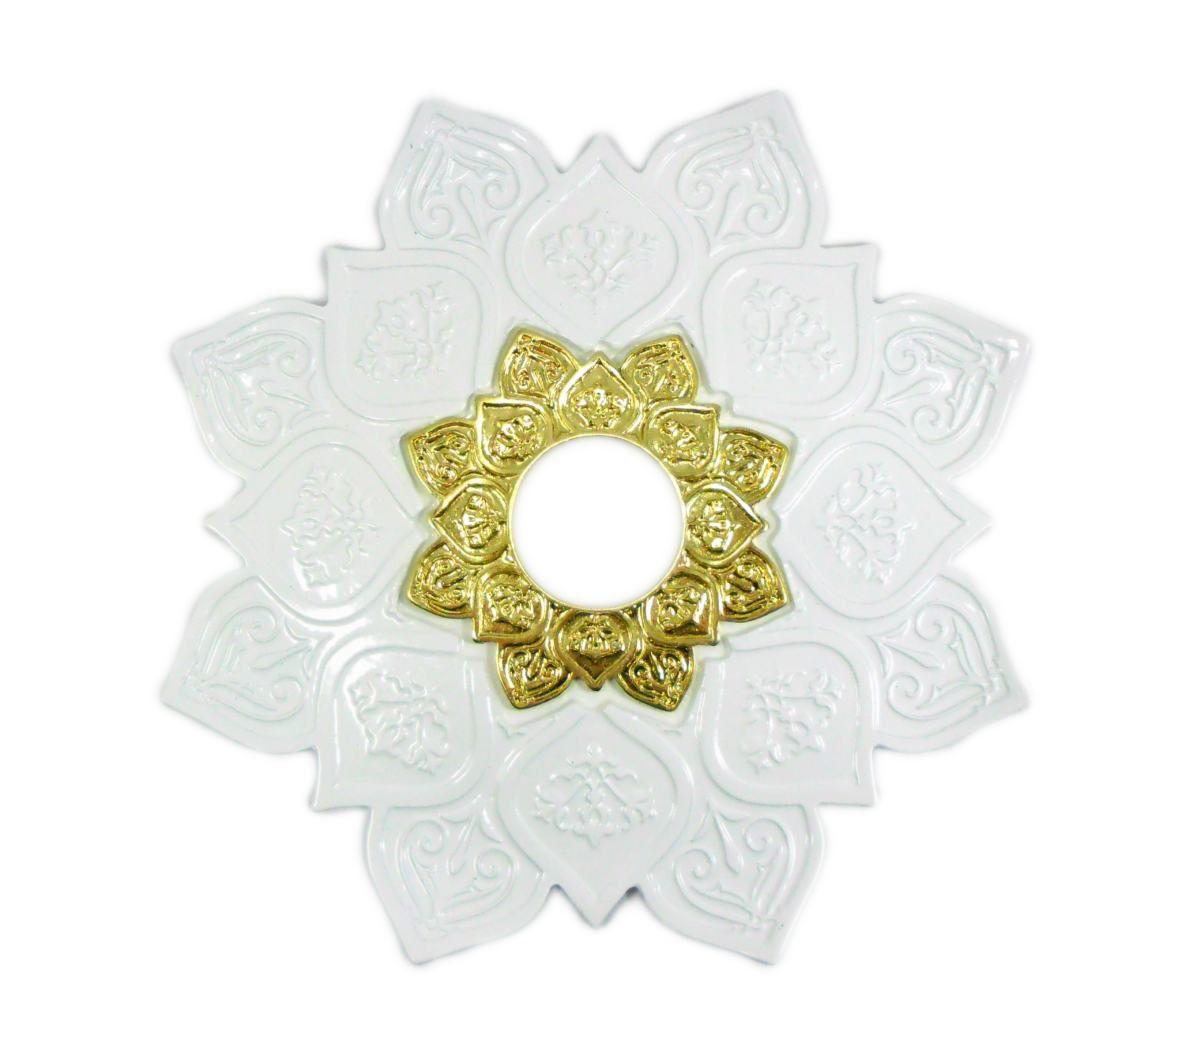 Prato para narguile mod. Athenas 22cm em liga metálica inox e decorado. Cor BRANCO.